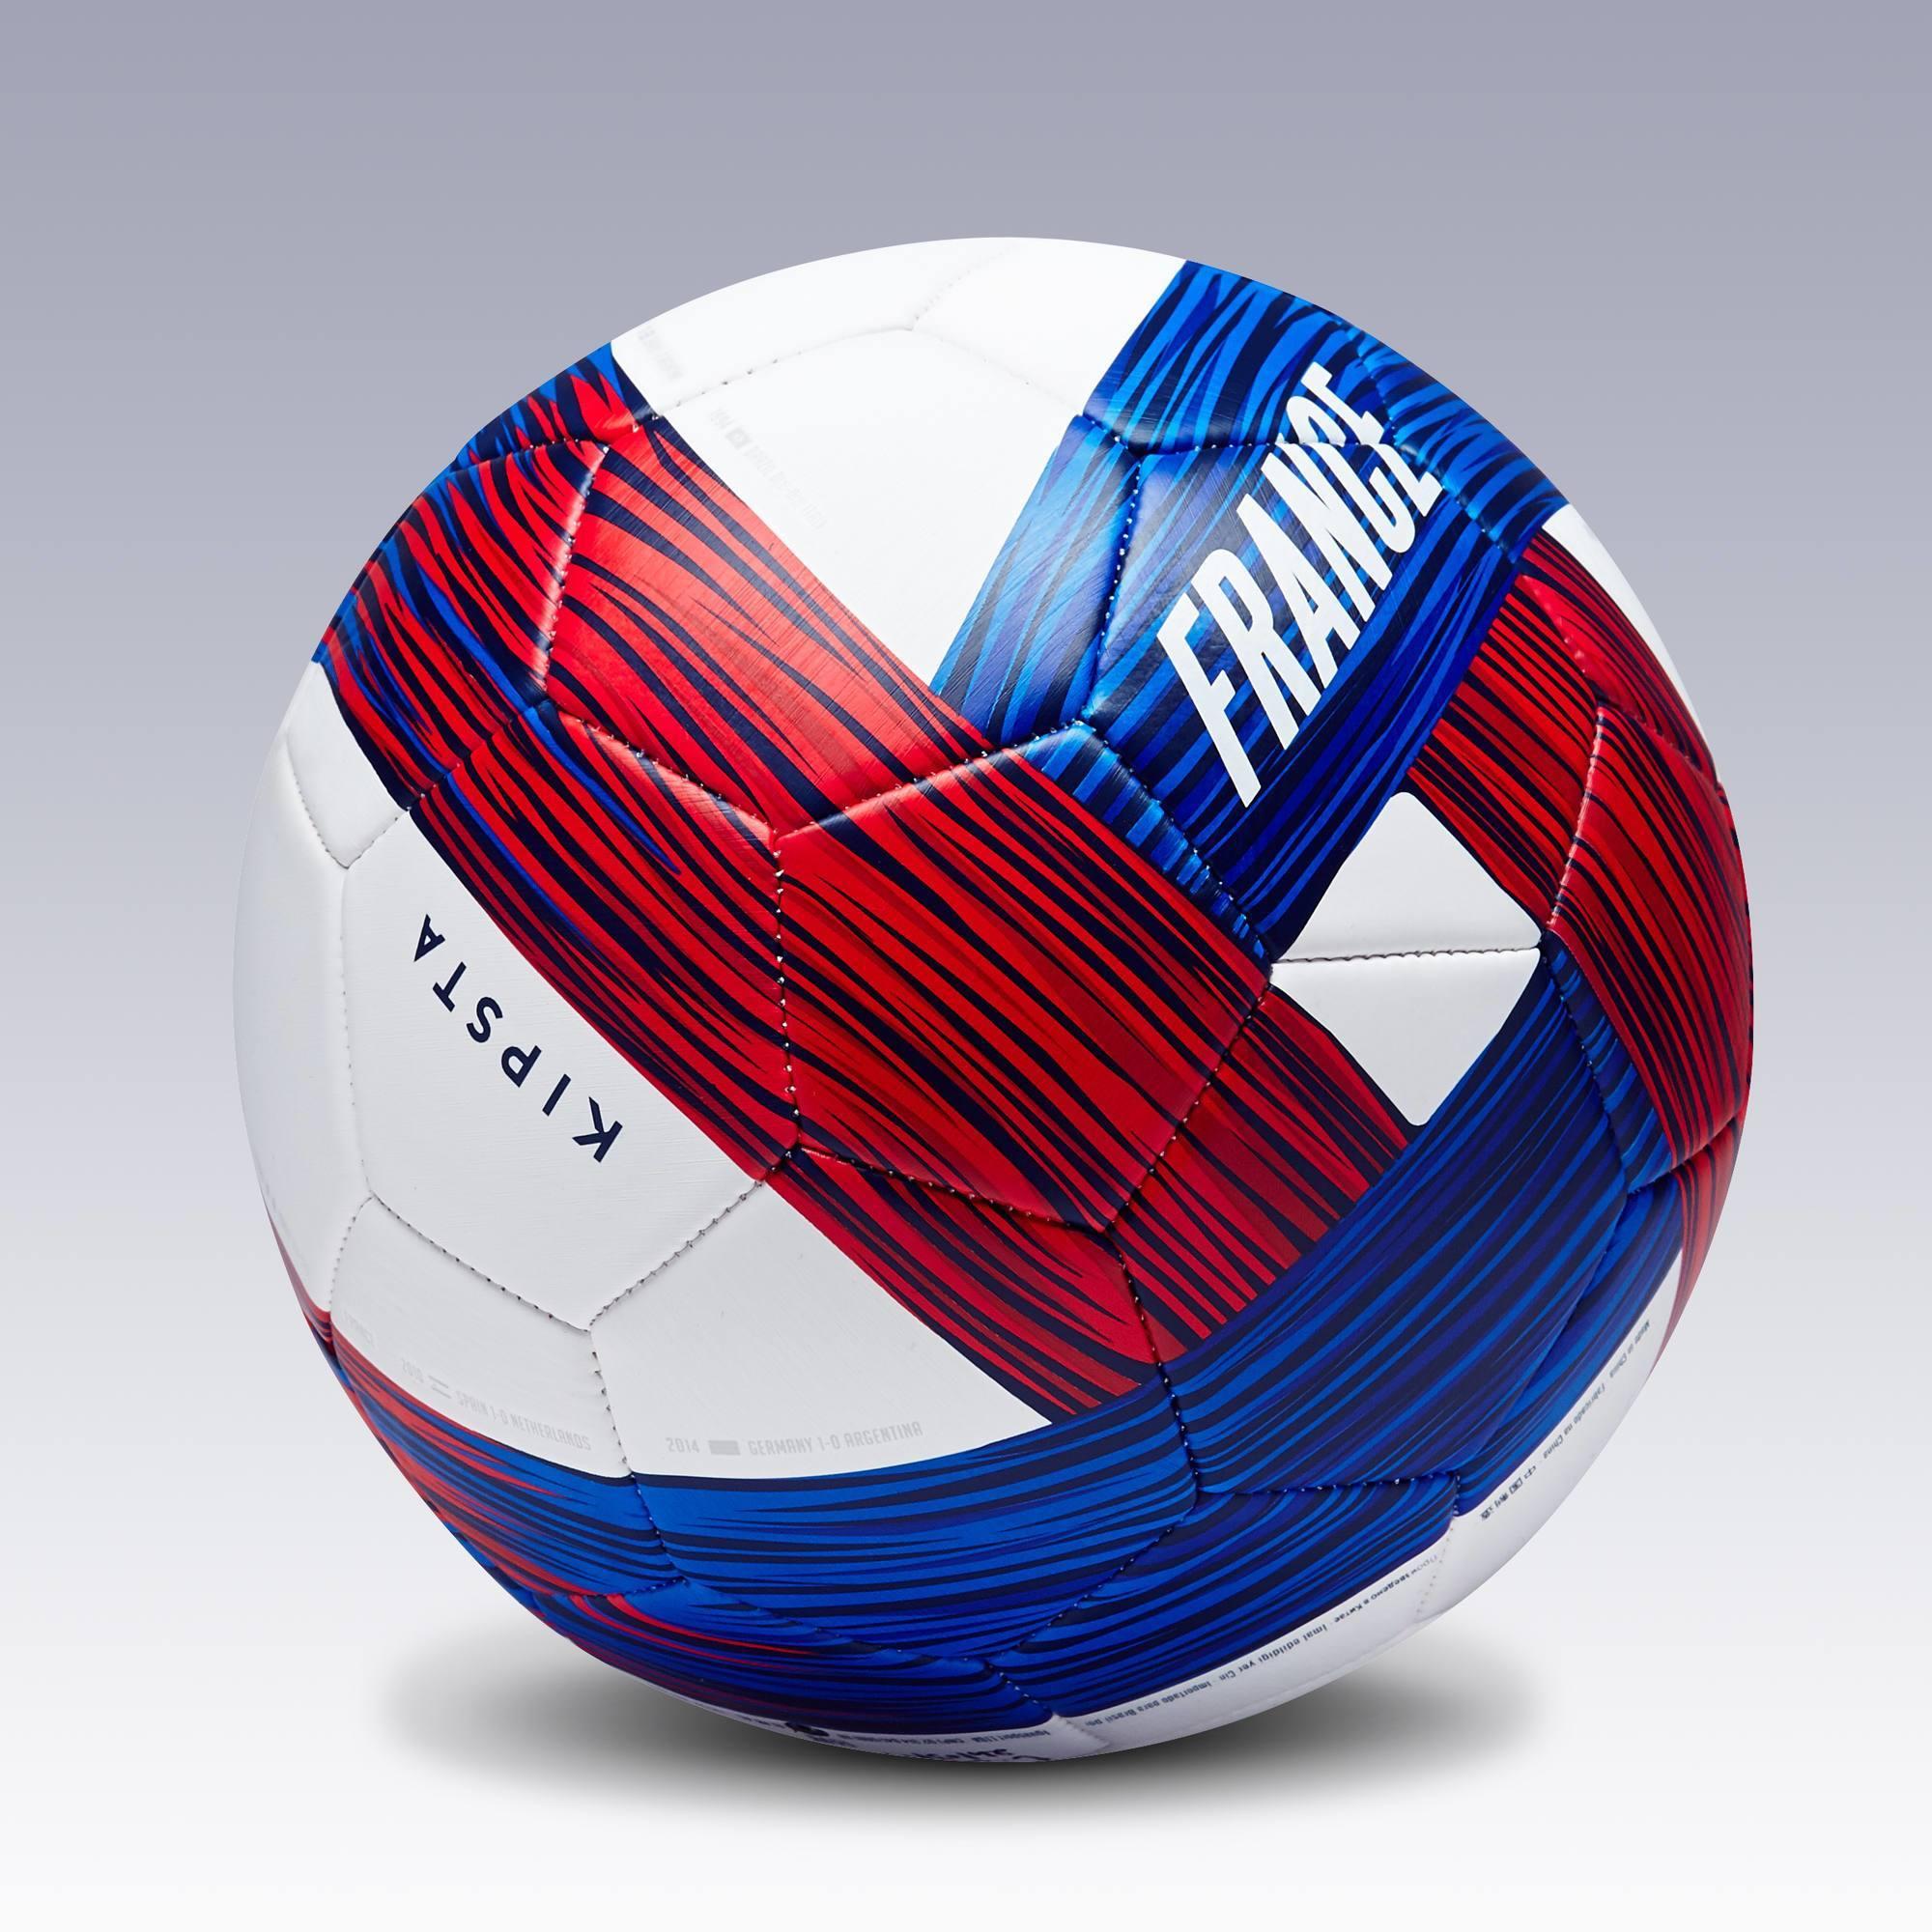 Nouveau Image Ballon De Rugby A Imprimer